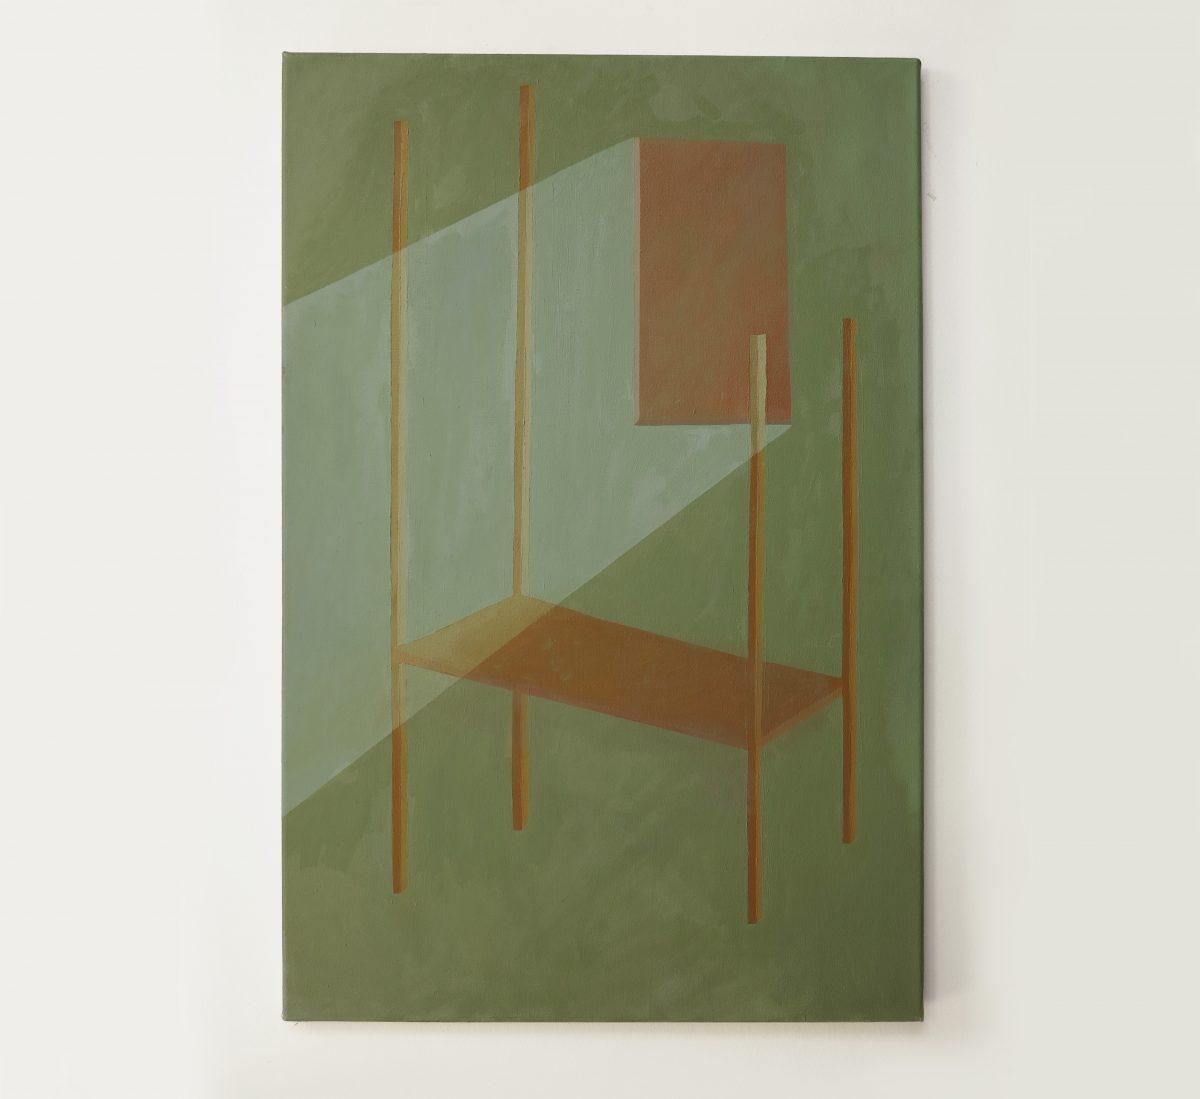 Nina Silverberg, Bed Green, 2021